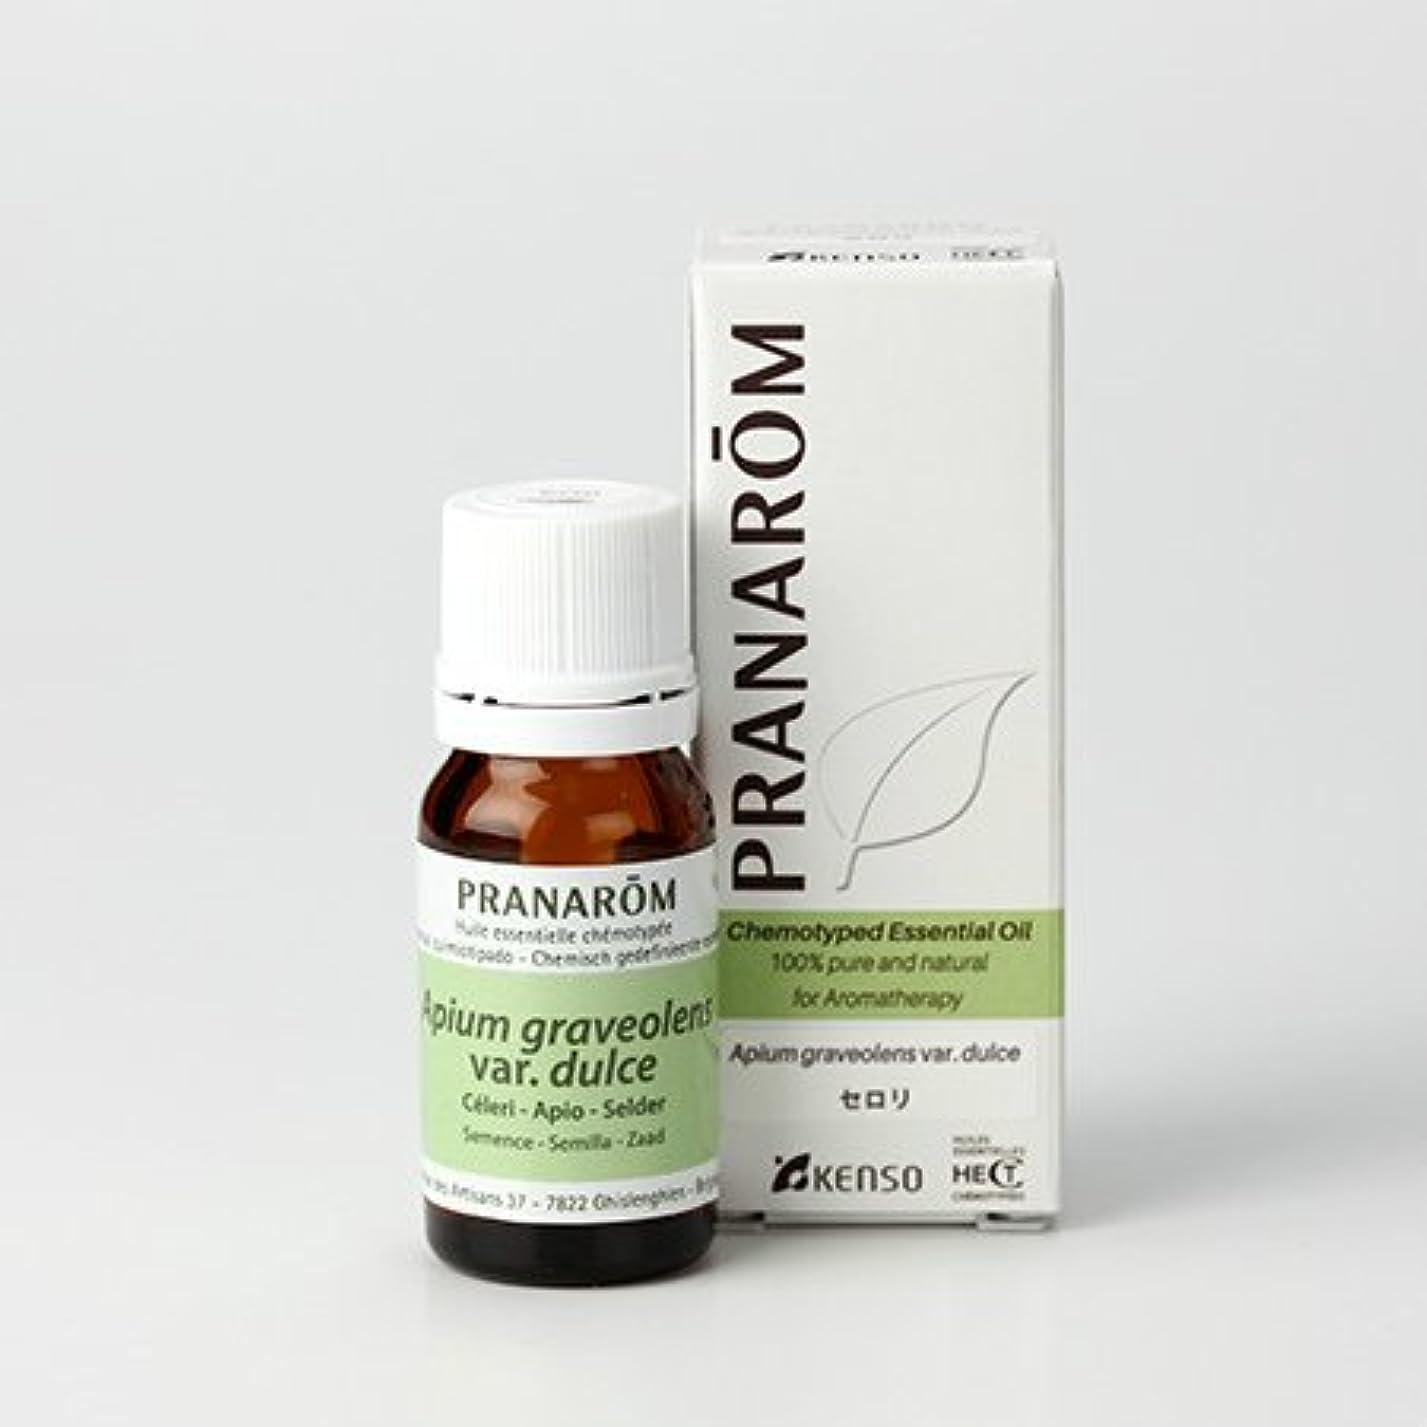 十耳パイプラナロム セロリ 10ml (PRANAROM ケモタイプ精油)